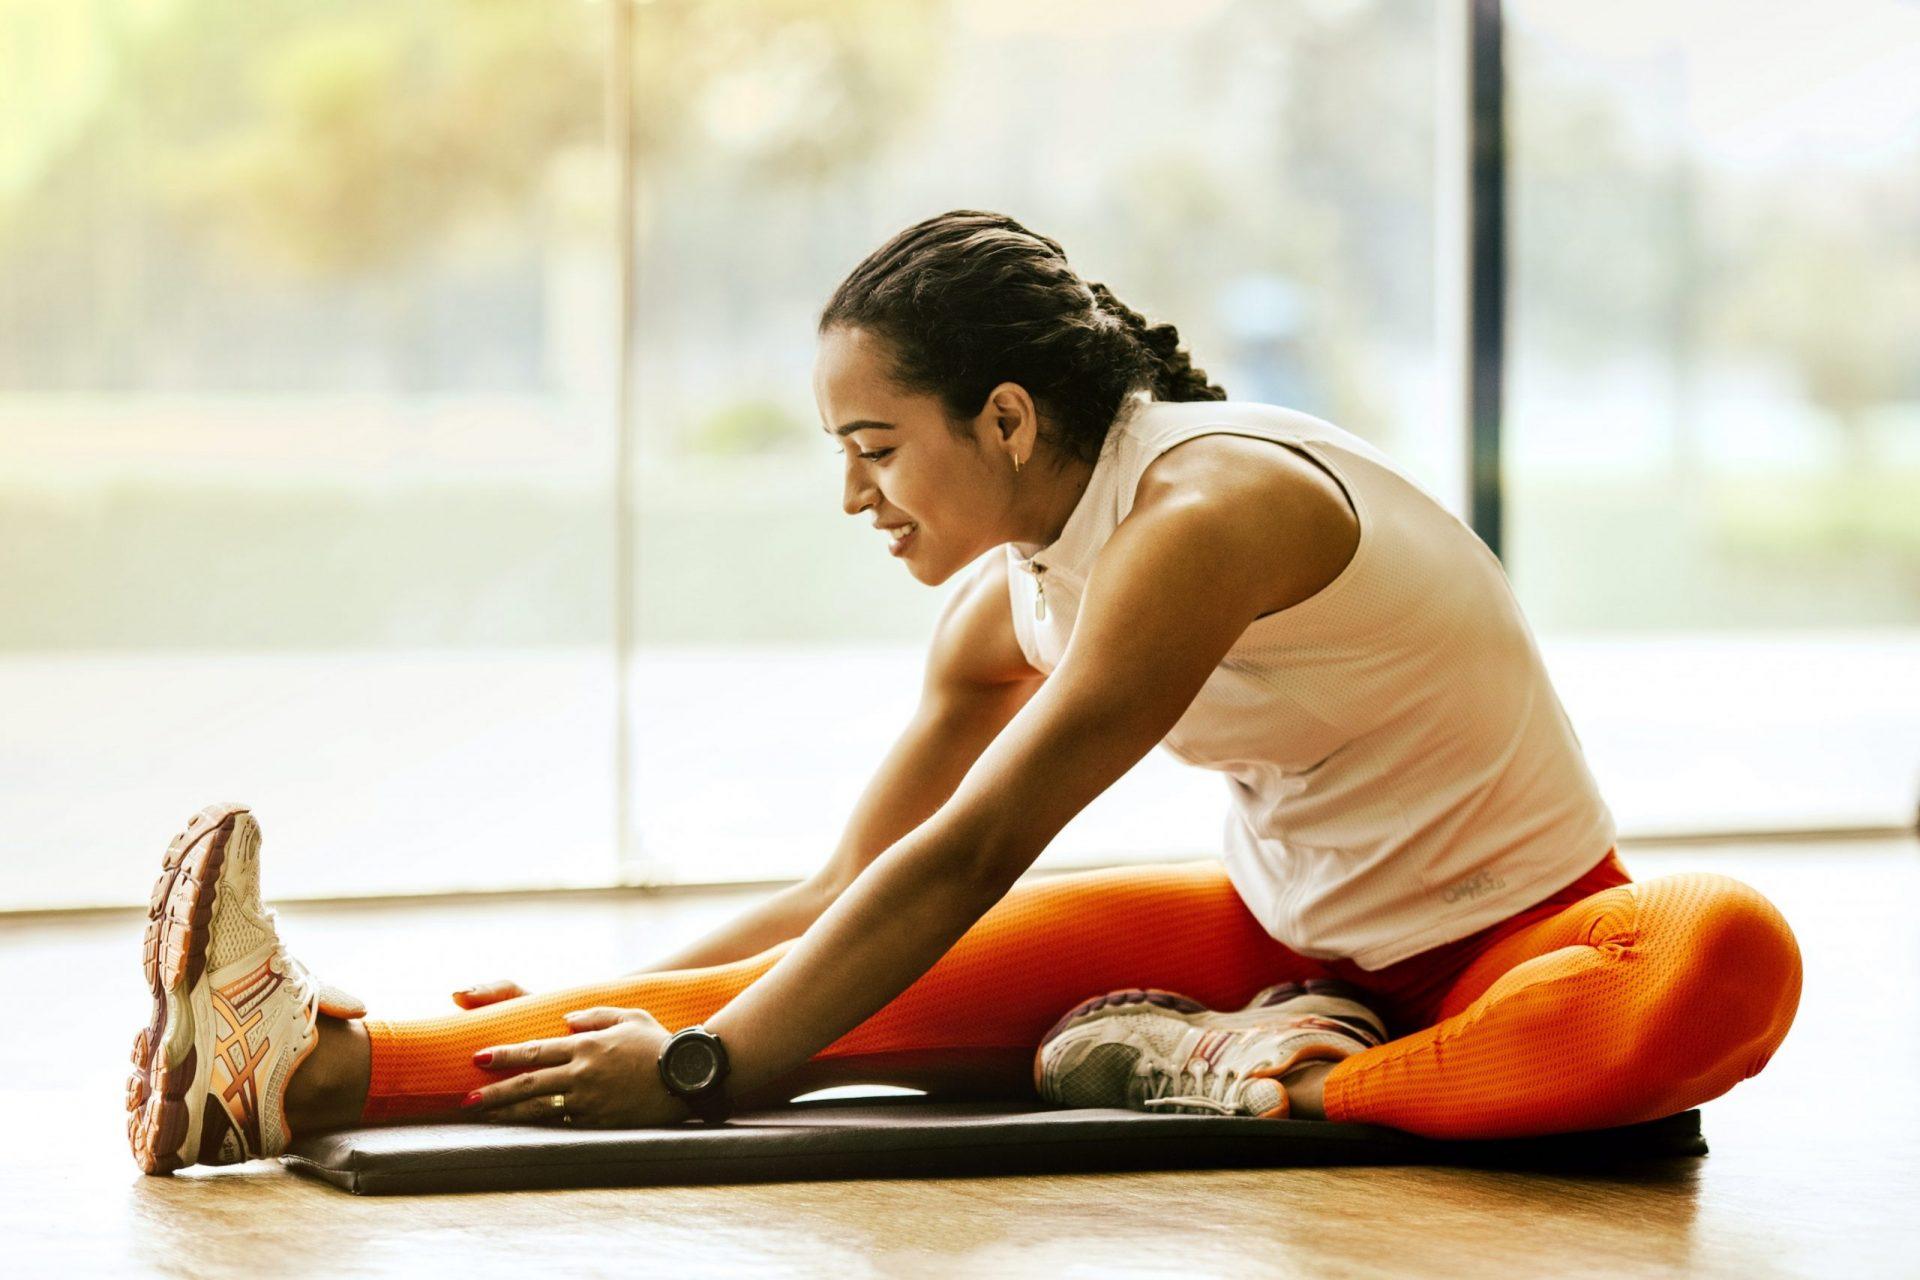 fazer exercicio2 scaled - 10 motivos para praticar exercícios físicos